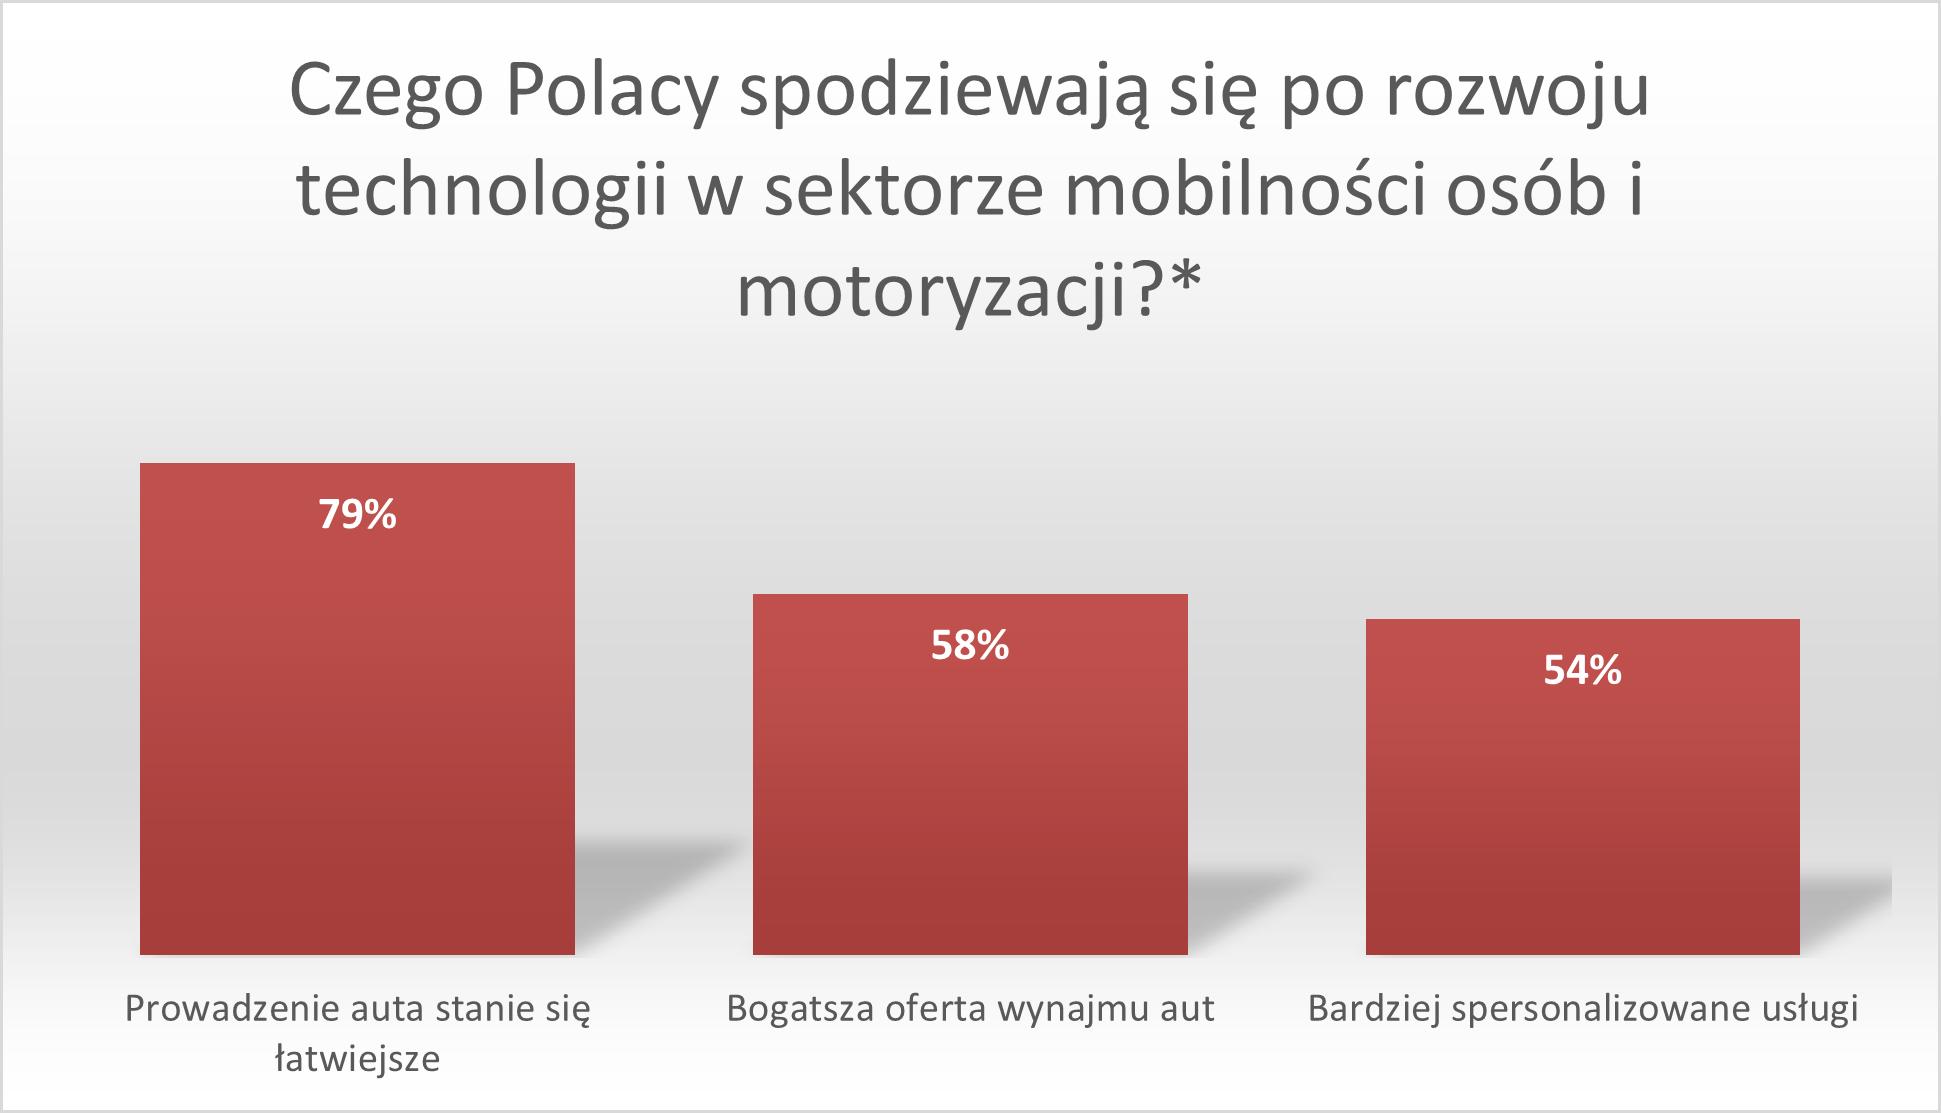 Polacy z entuzjazmem o rozwoju technologii w motoryzacji i mobilności osób